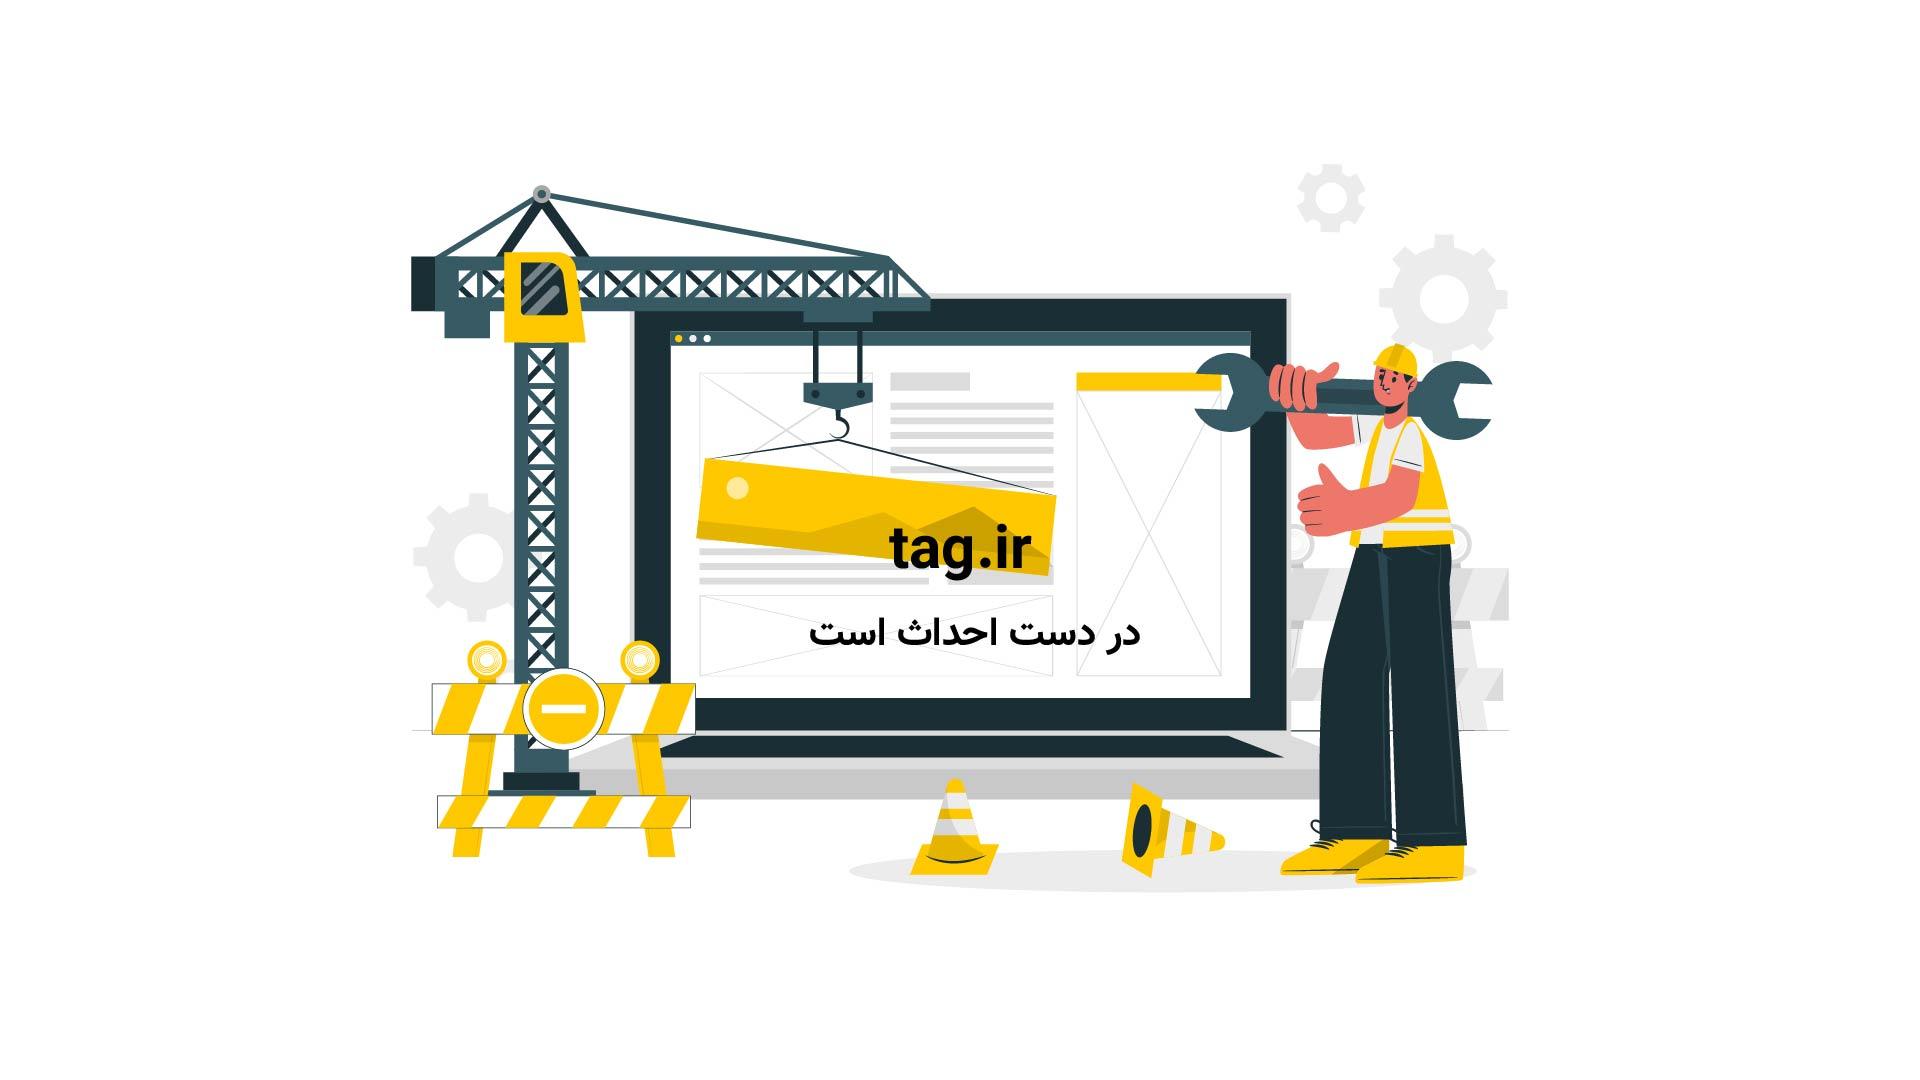 انیمیشن | تگ